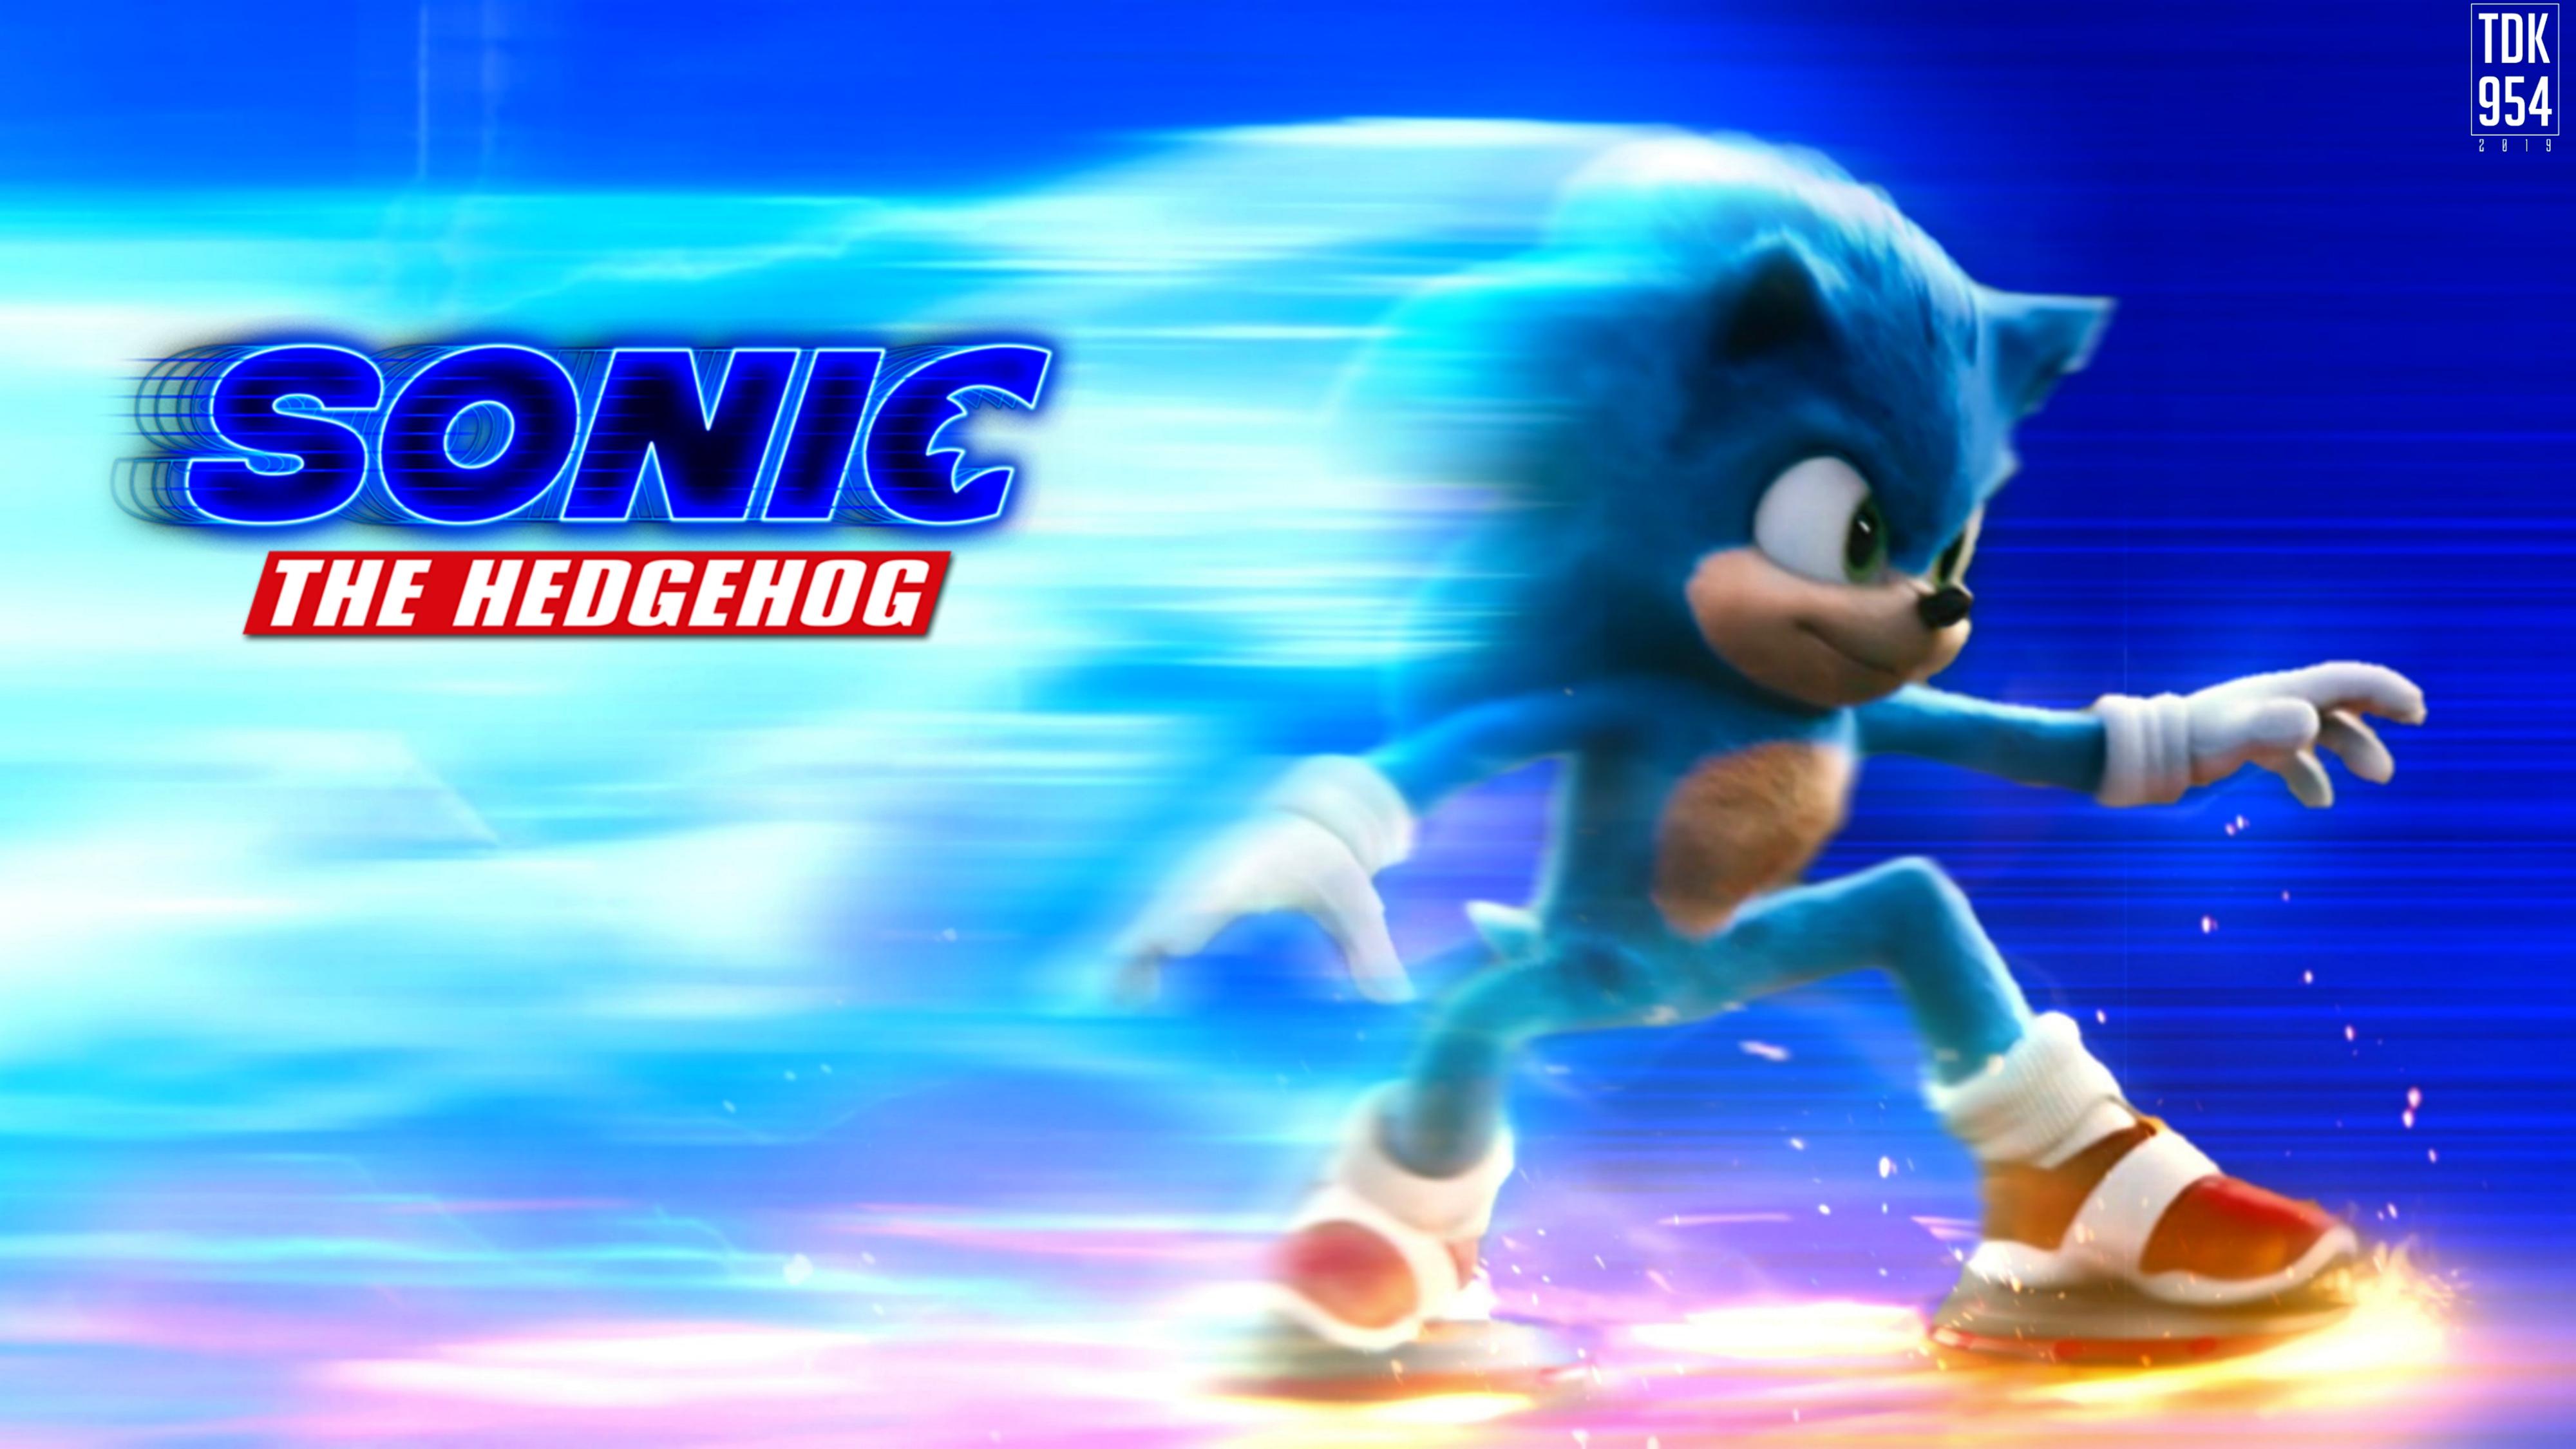 Sonic The Hedgehog Movie 2020 Wallpaper Banner By Thedarkknight954 On Deviantart